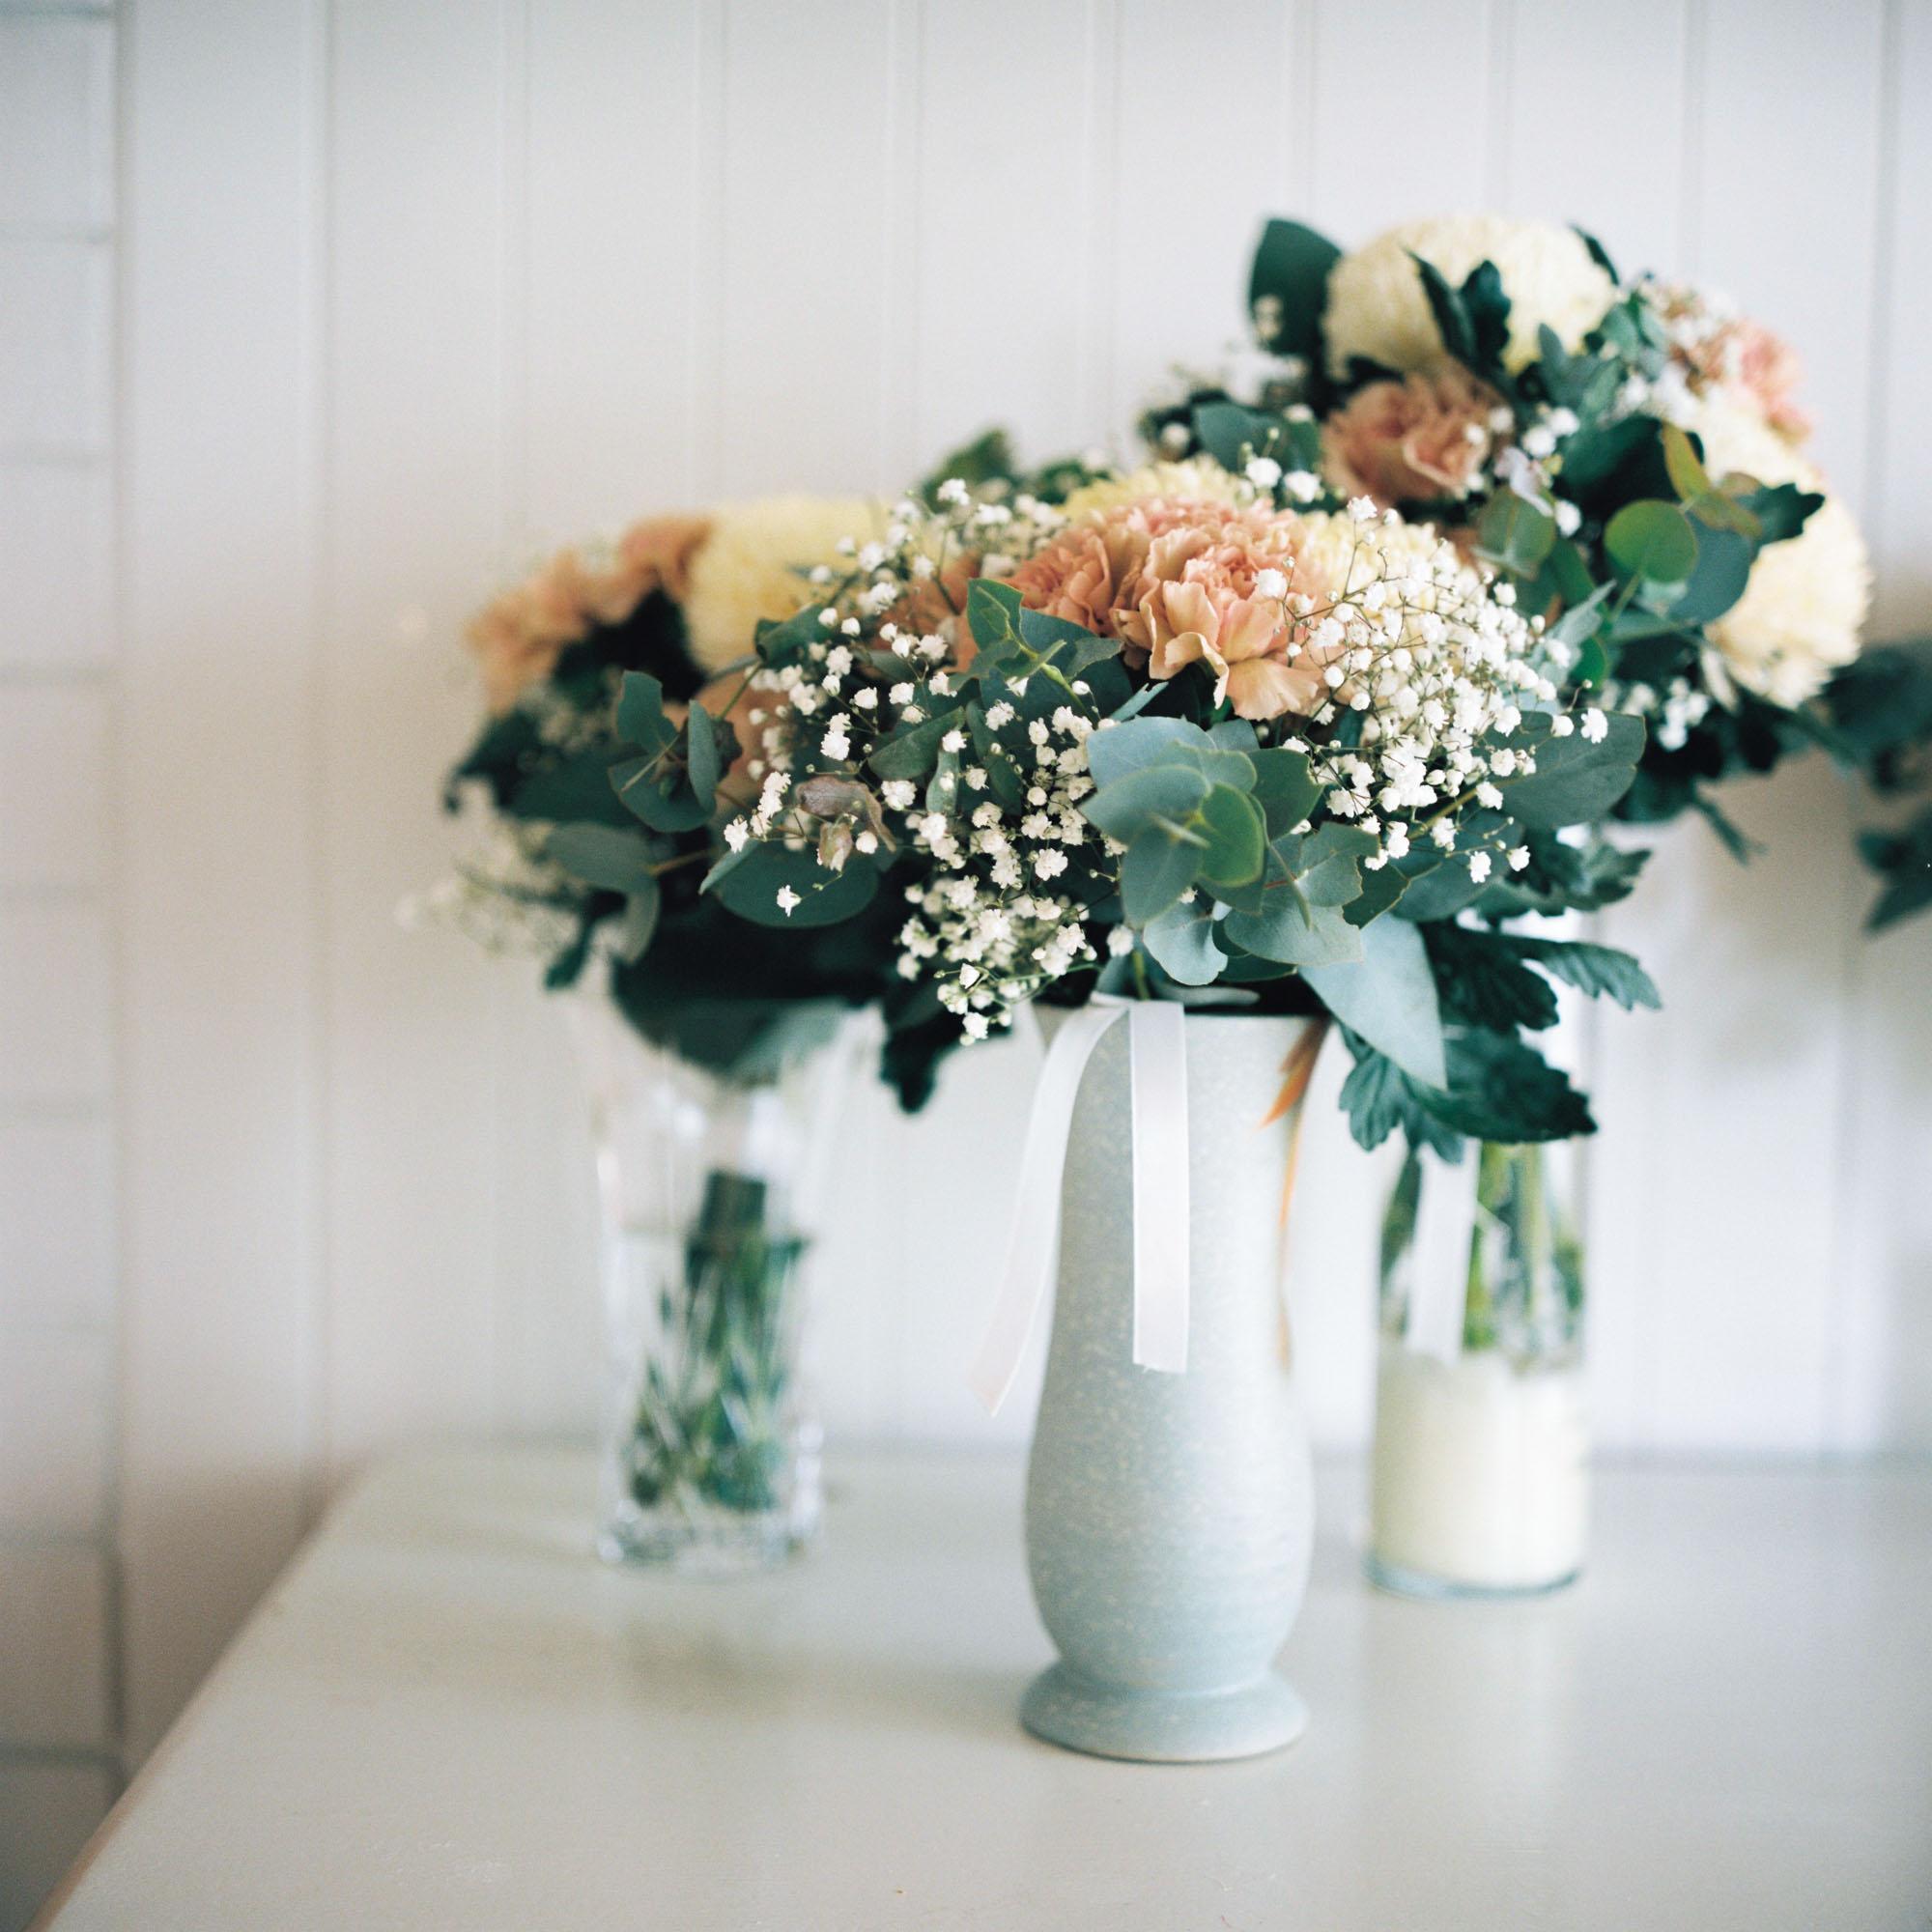 Whitehouse-hahndorf-wedding-photography-020.jpg